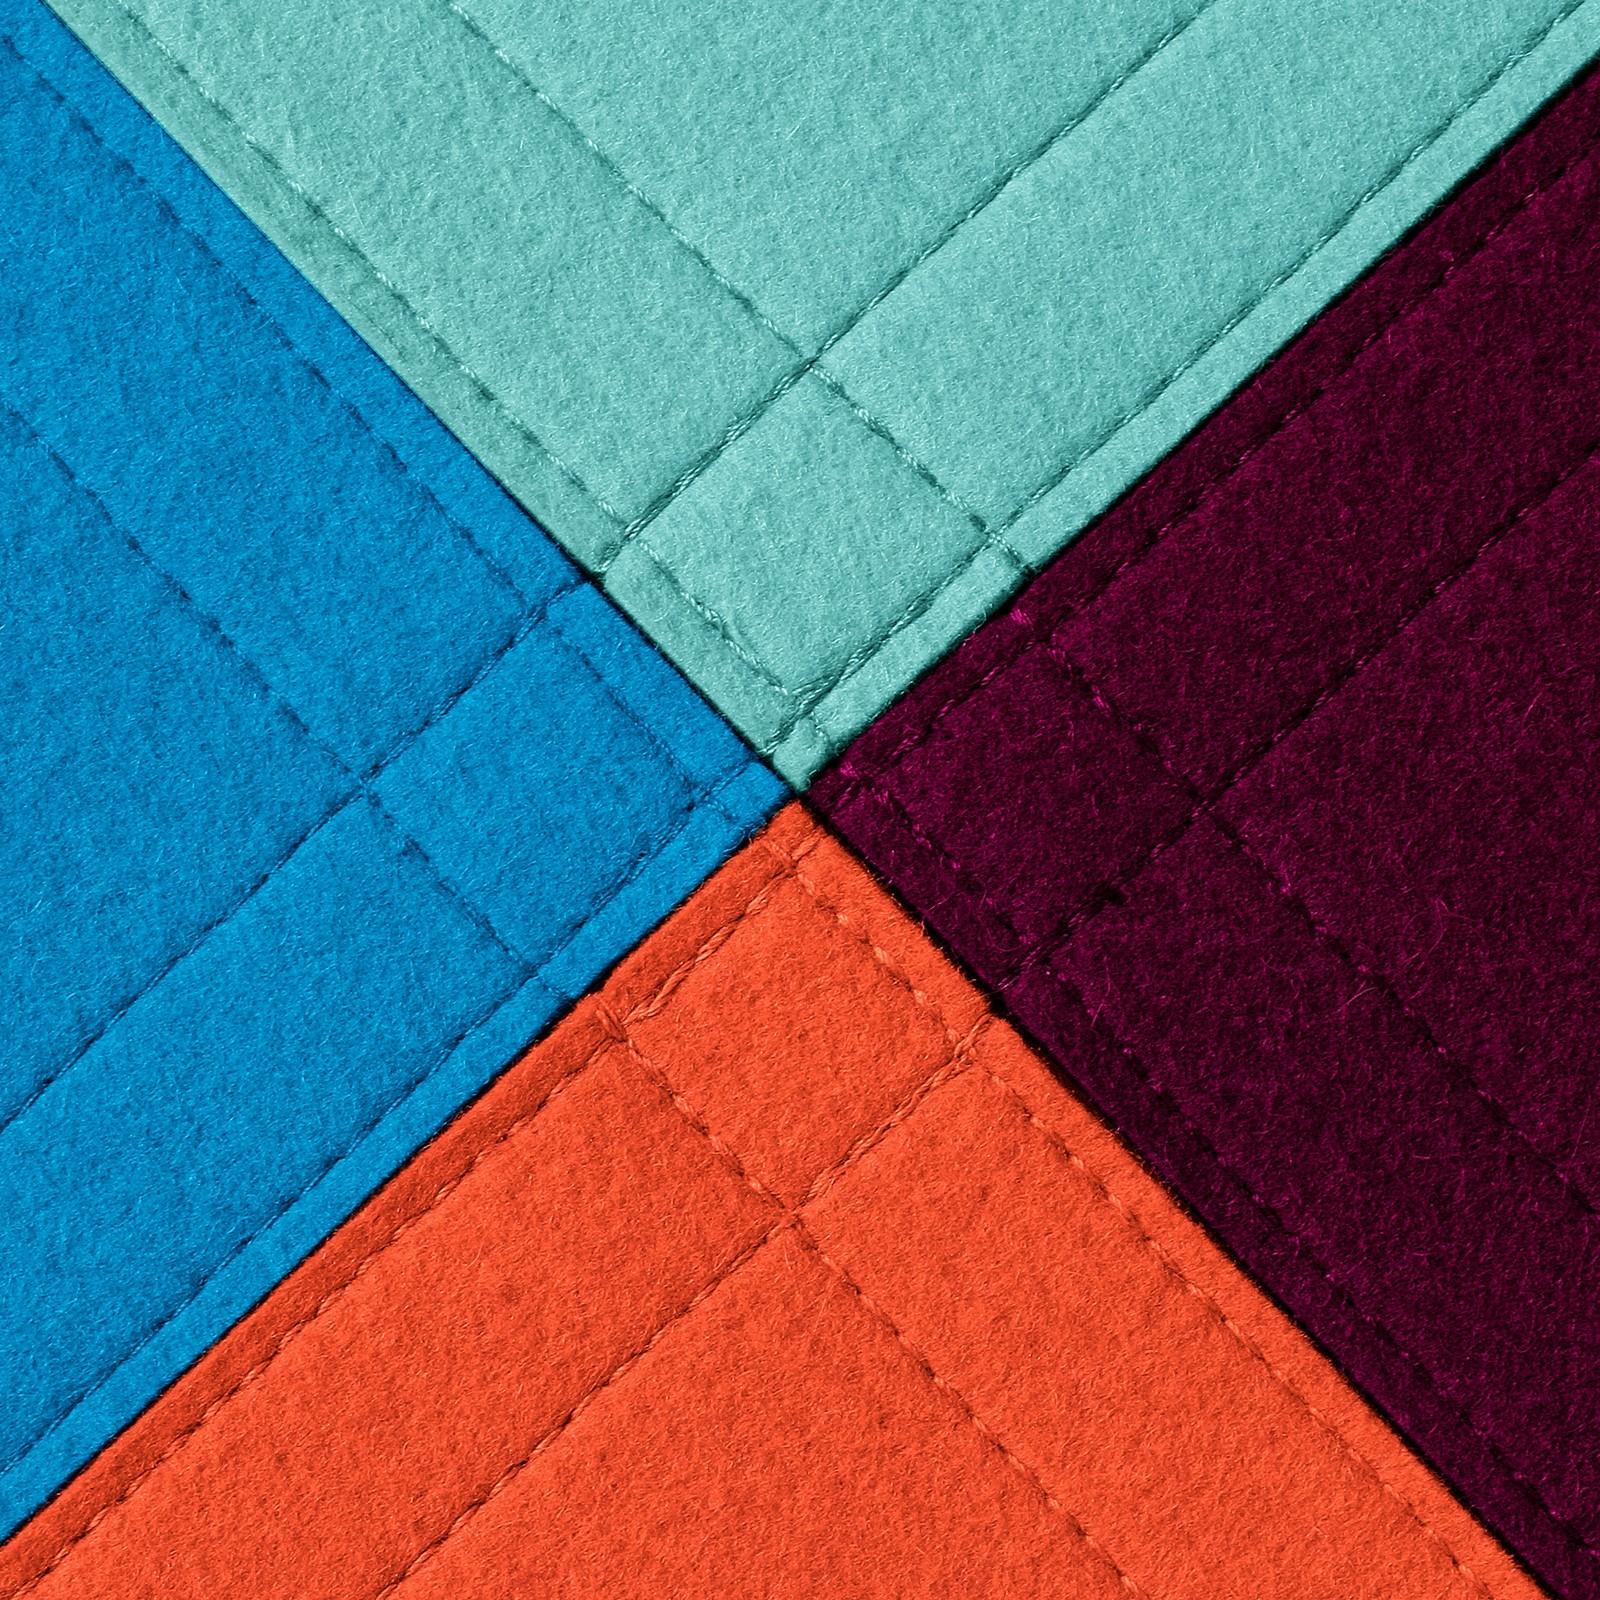 Filz Teppichfliese klettbare Fliesen verschiedene Farben